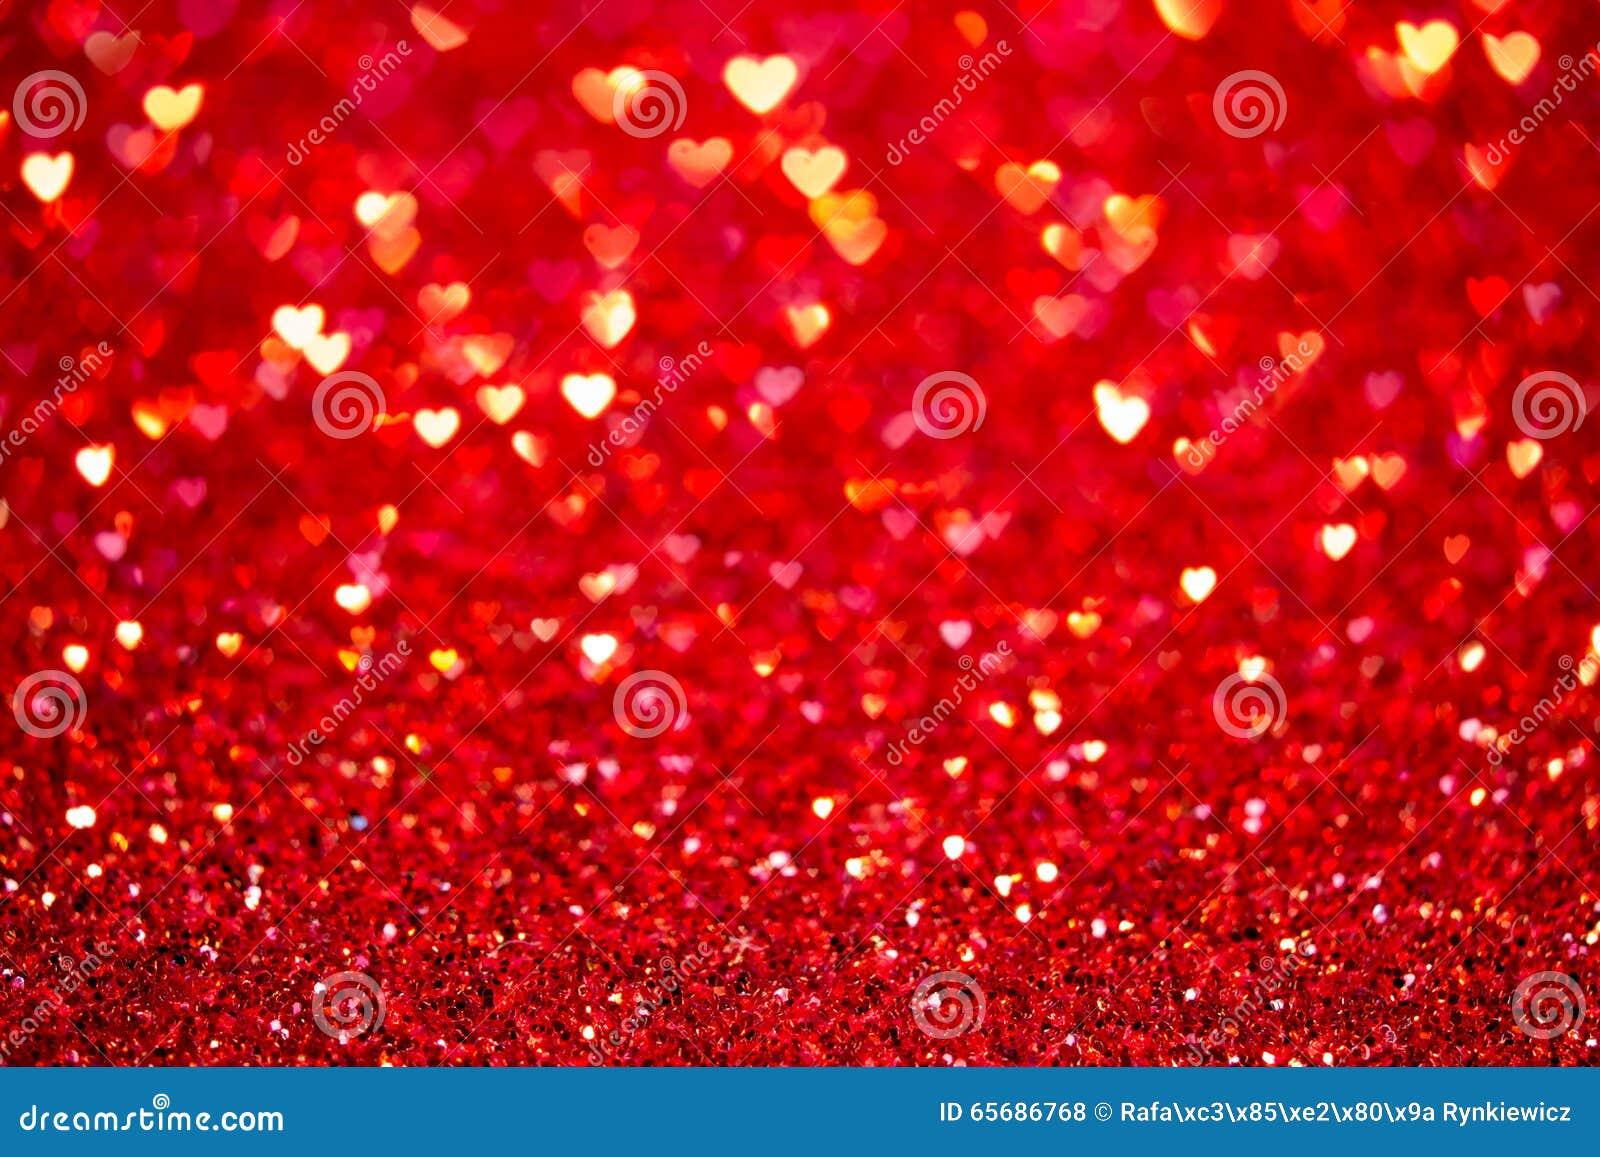 红色重点bokeh背景 情人节纹理